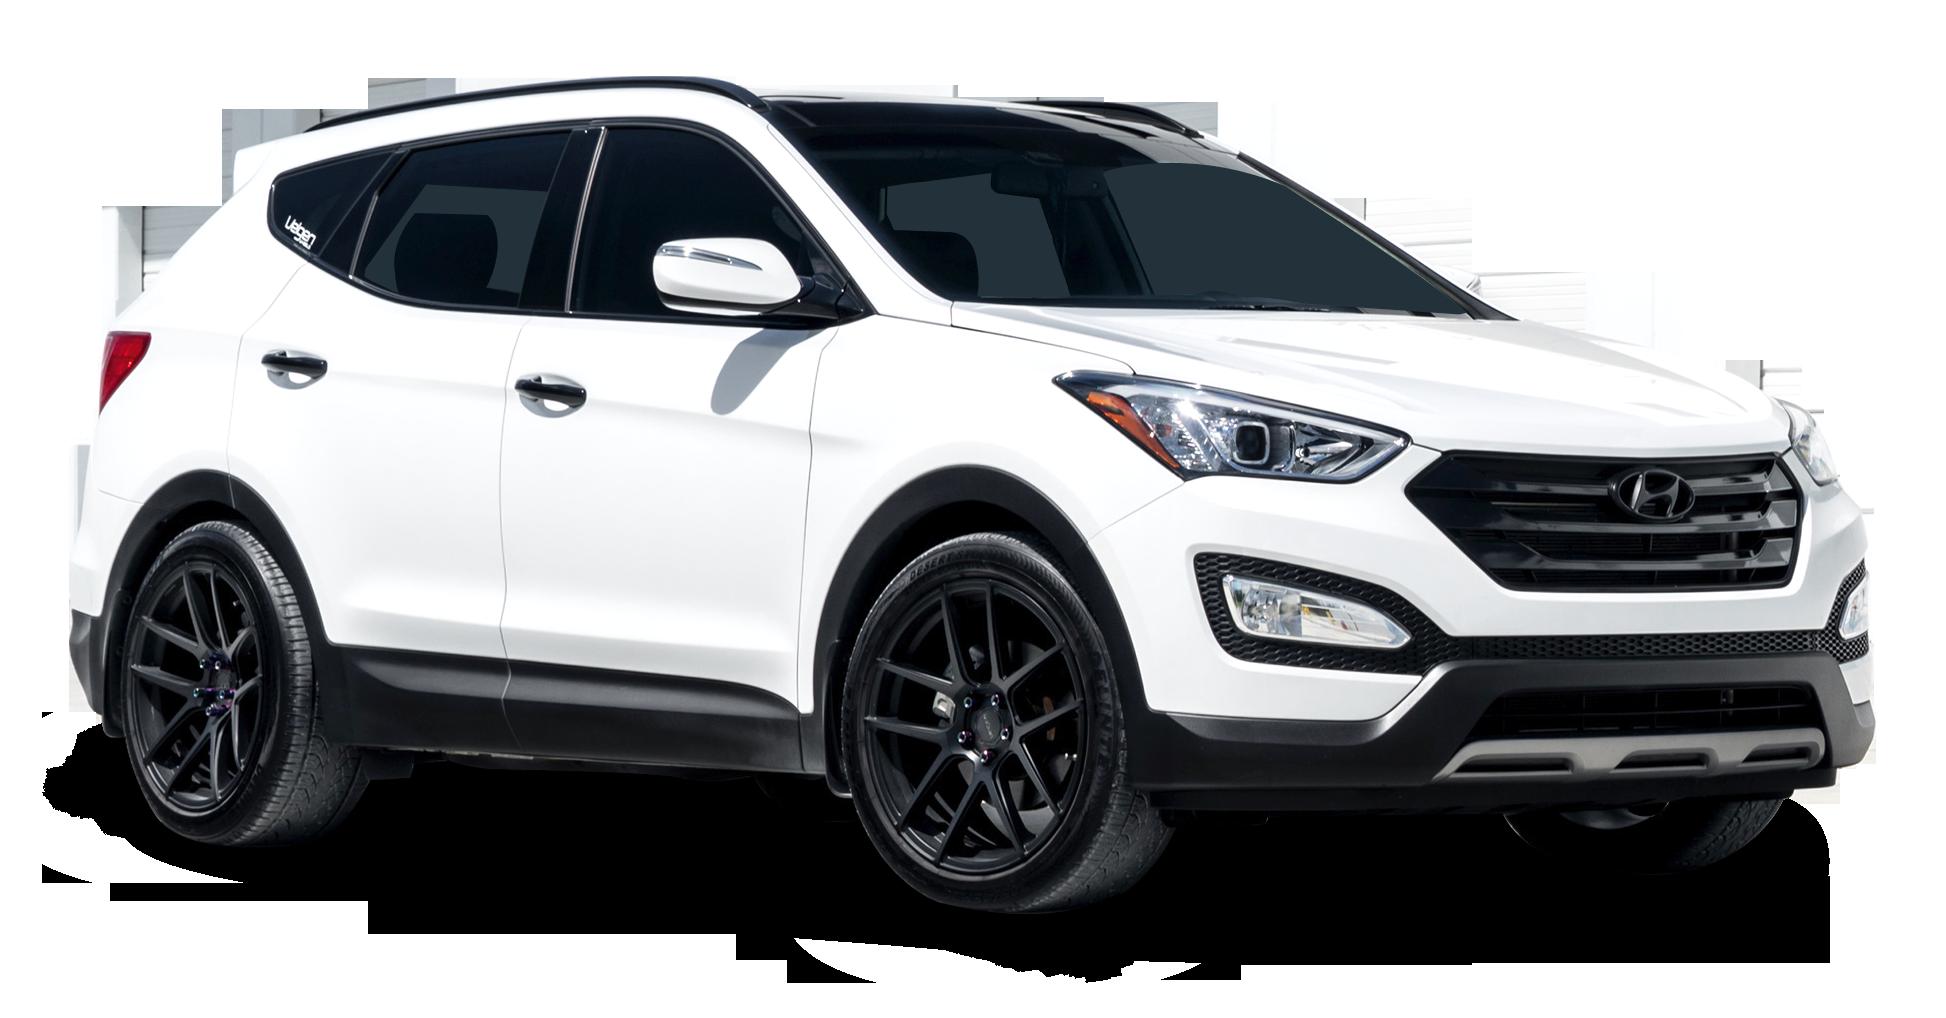 Hyundai Santa Fe White Car PNG Image.